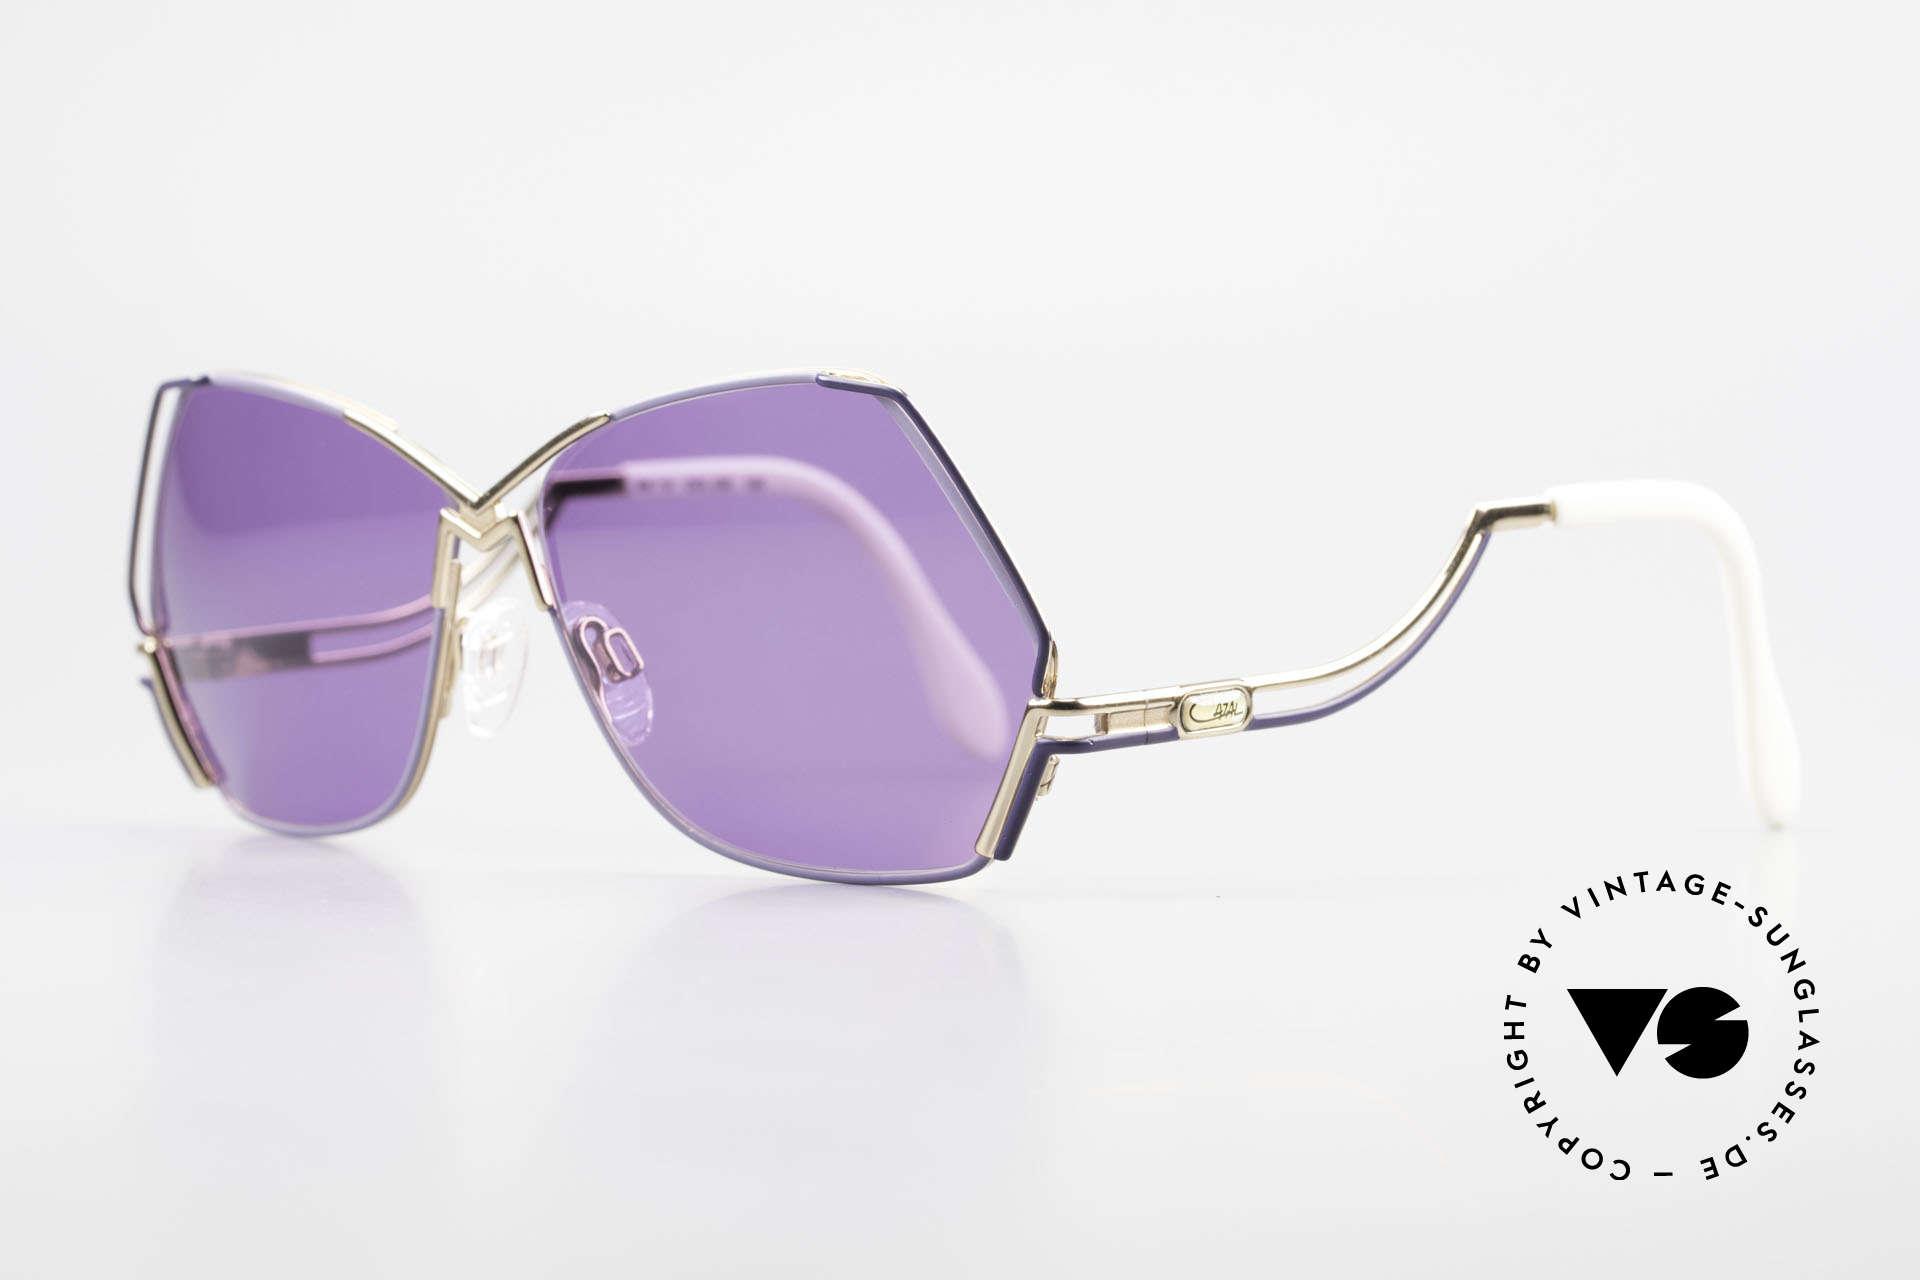 Cazal 226 Vintage Sonnenbrille Damen, edles, perfekt abgestimmtes Farbkonzept; Hingucker!, Passend für Damen